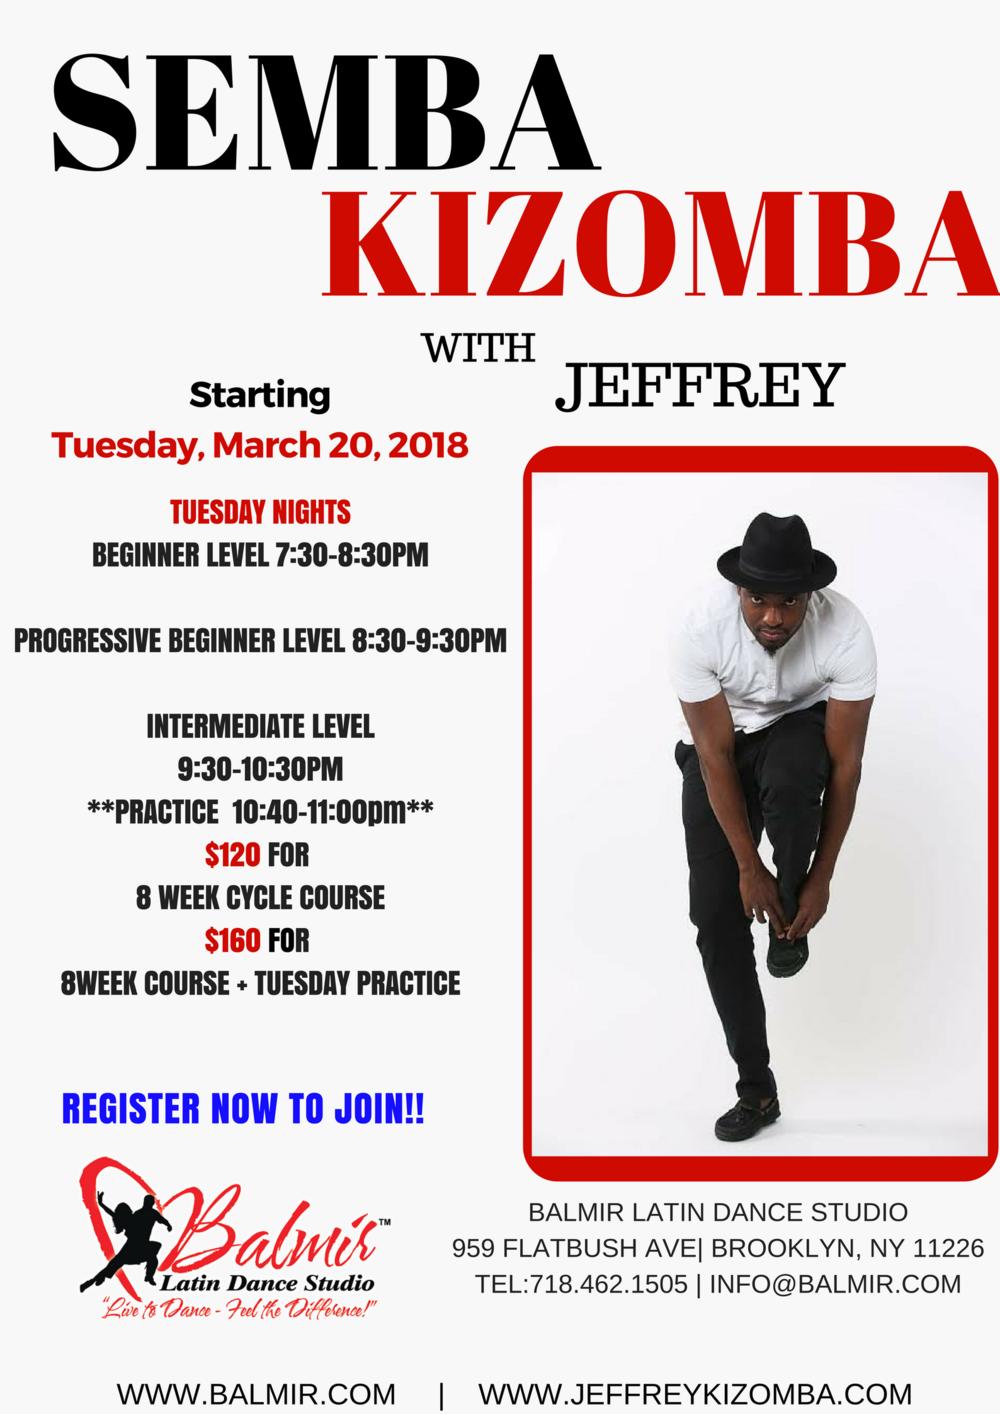 SEMBA KIZOMBA Dance Classes March 2018 in Brooklyn, NY